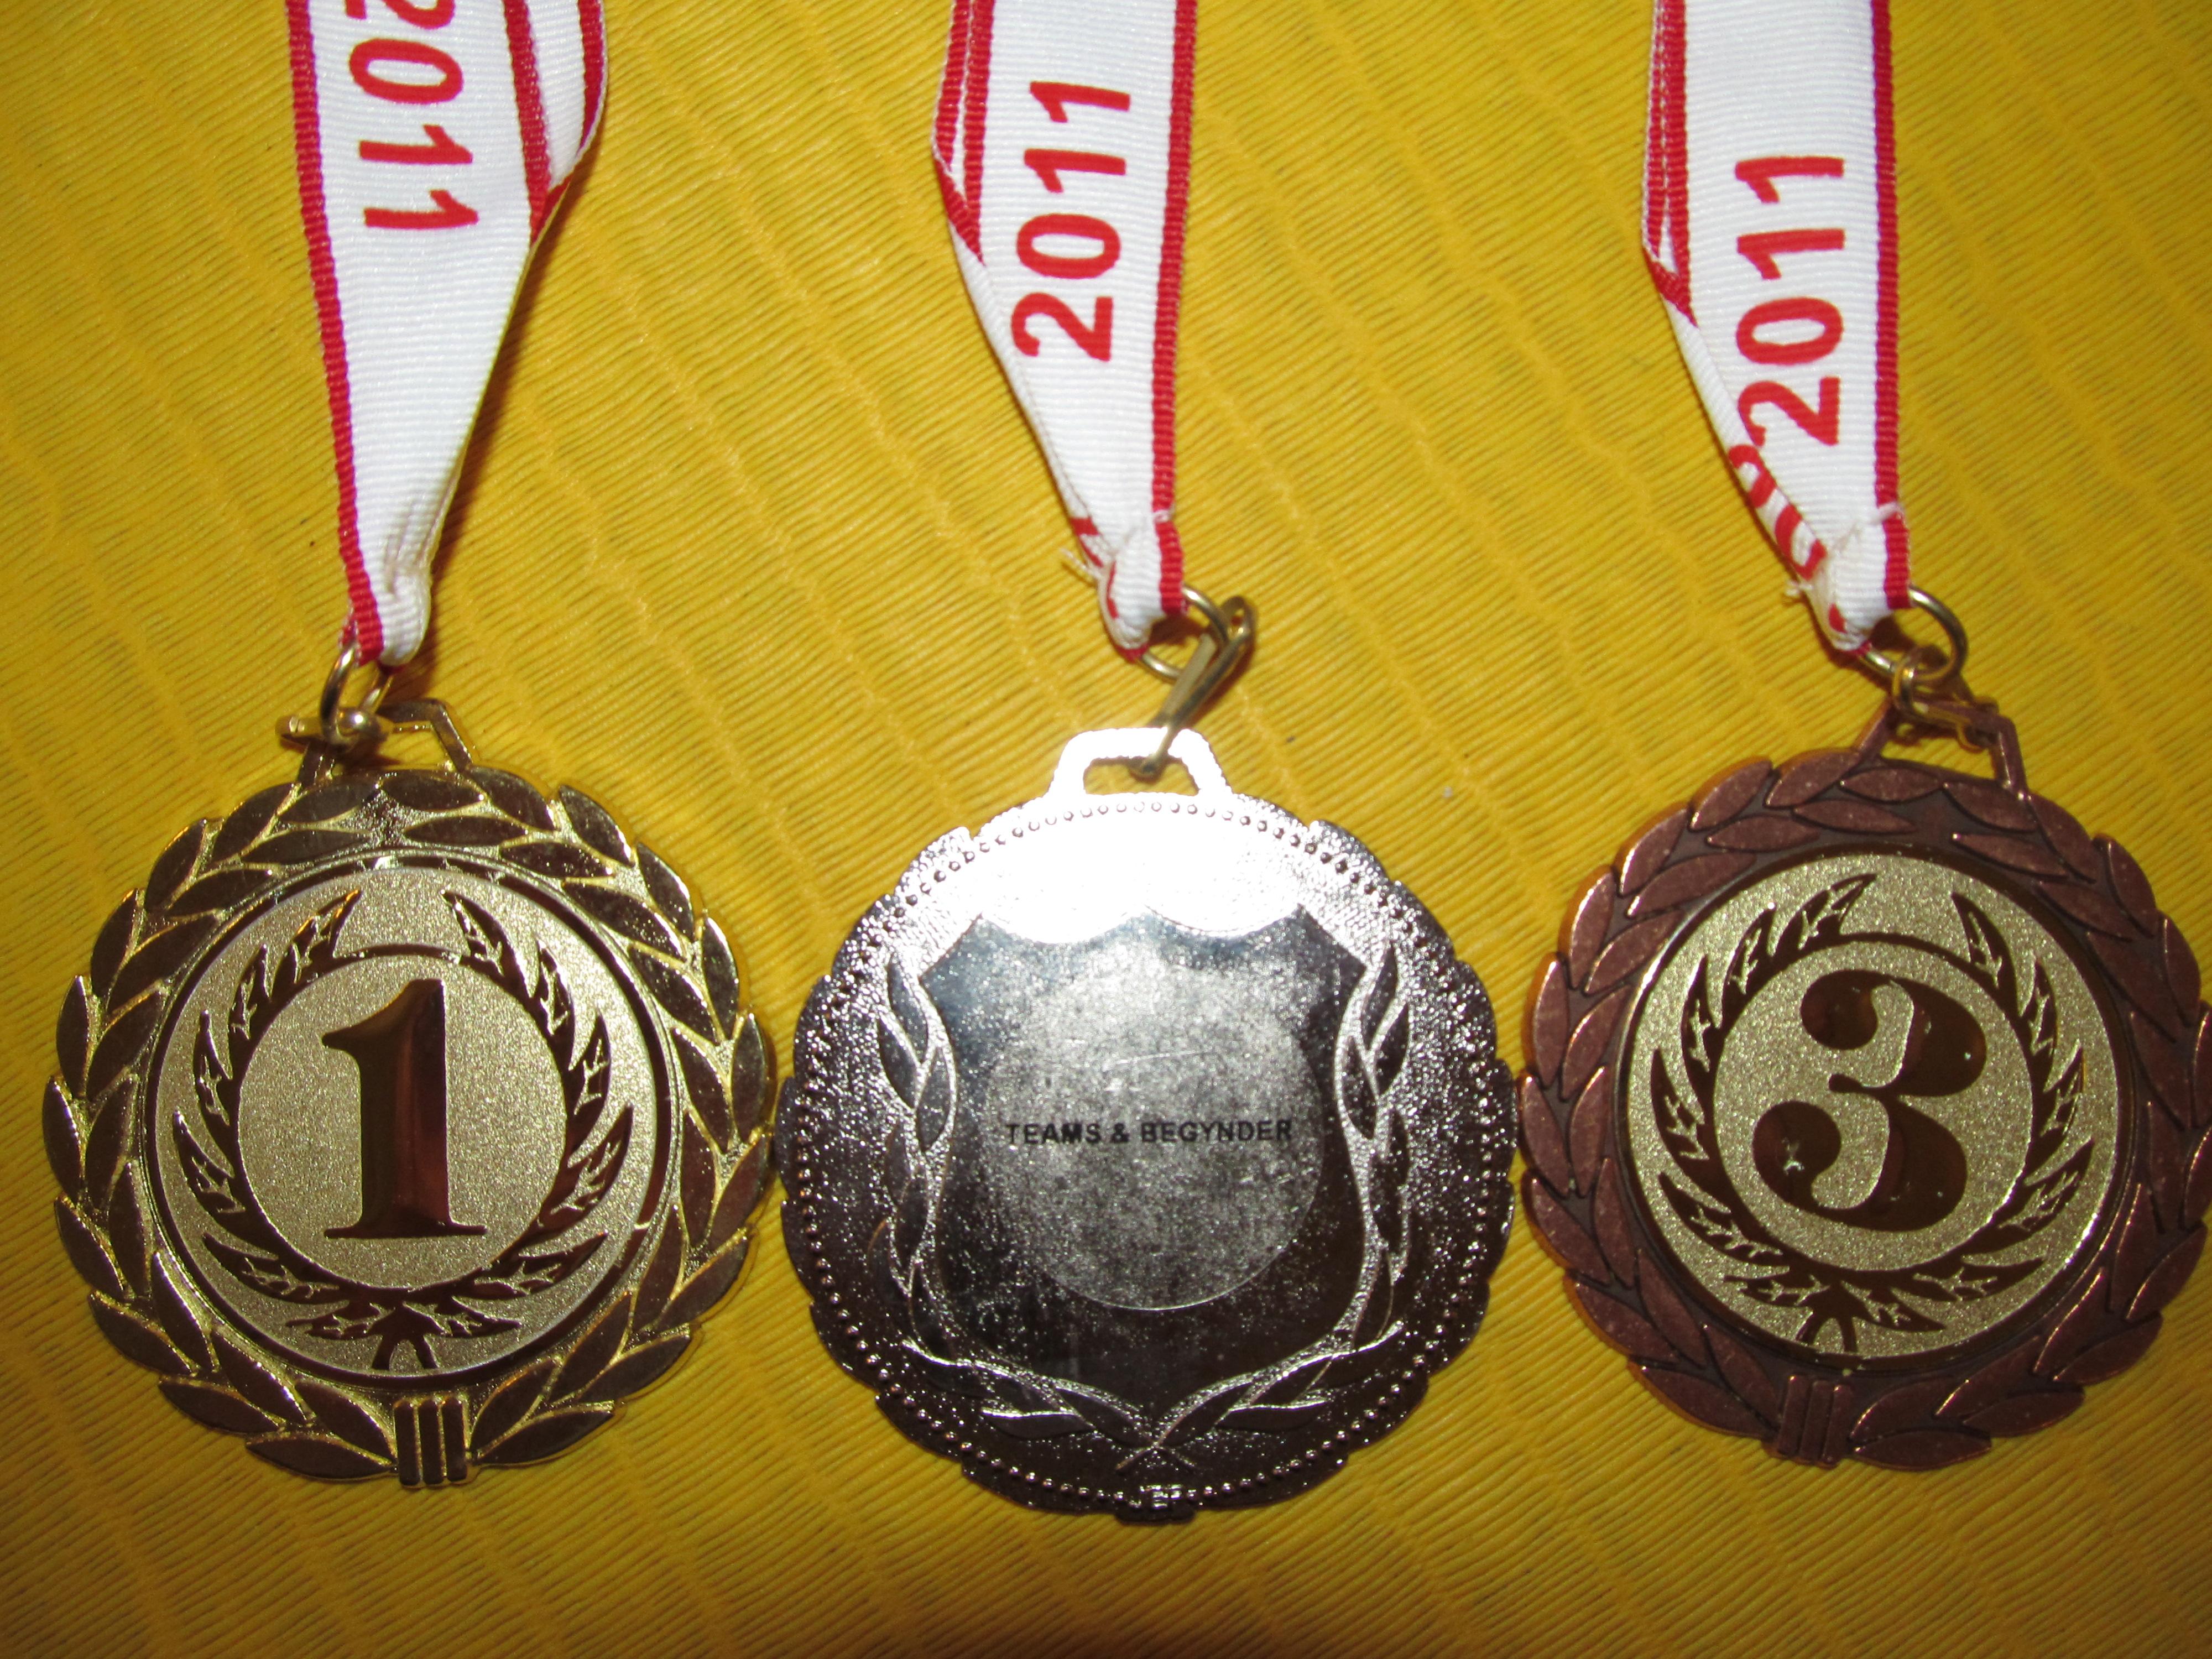 Medaljer til Danish Team og Begynder konkurrencen 2011